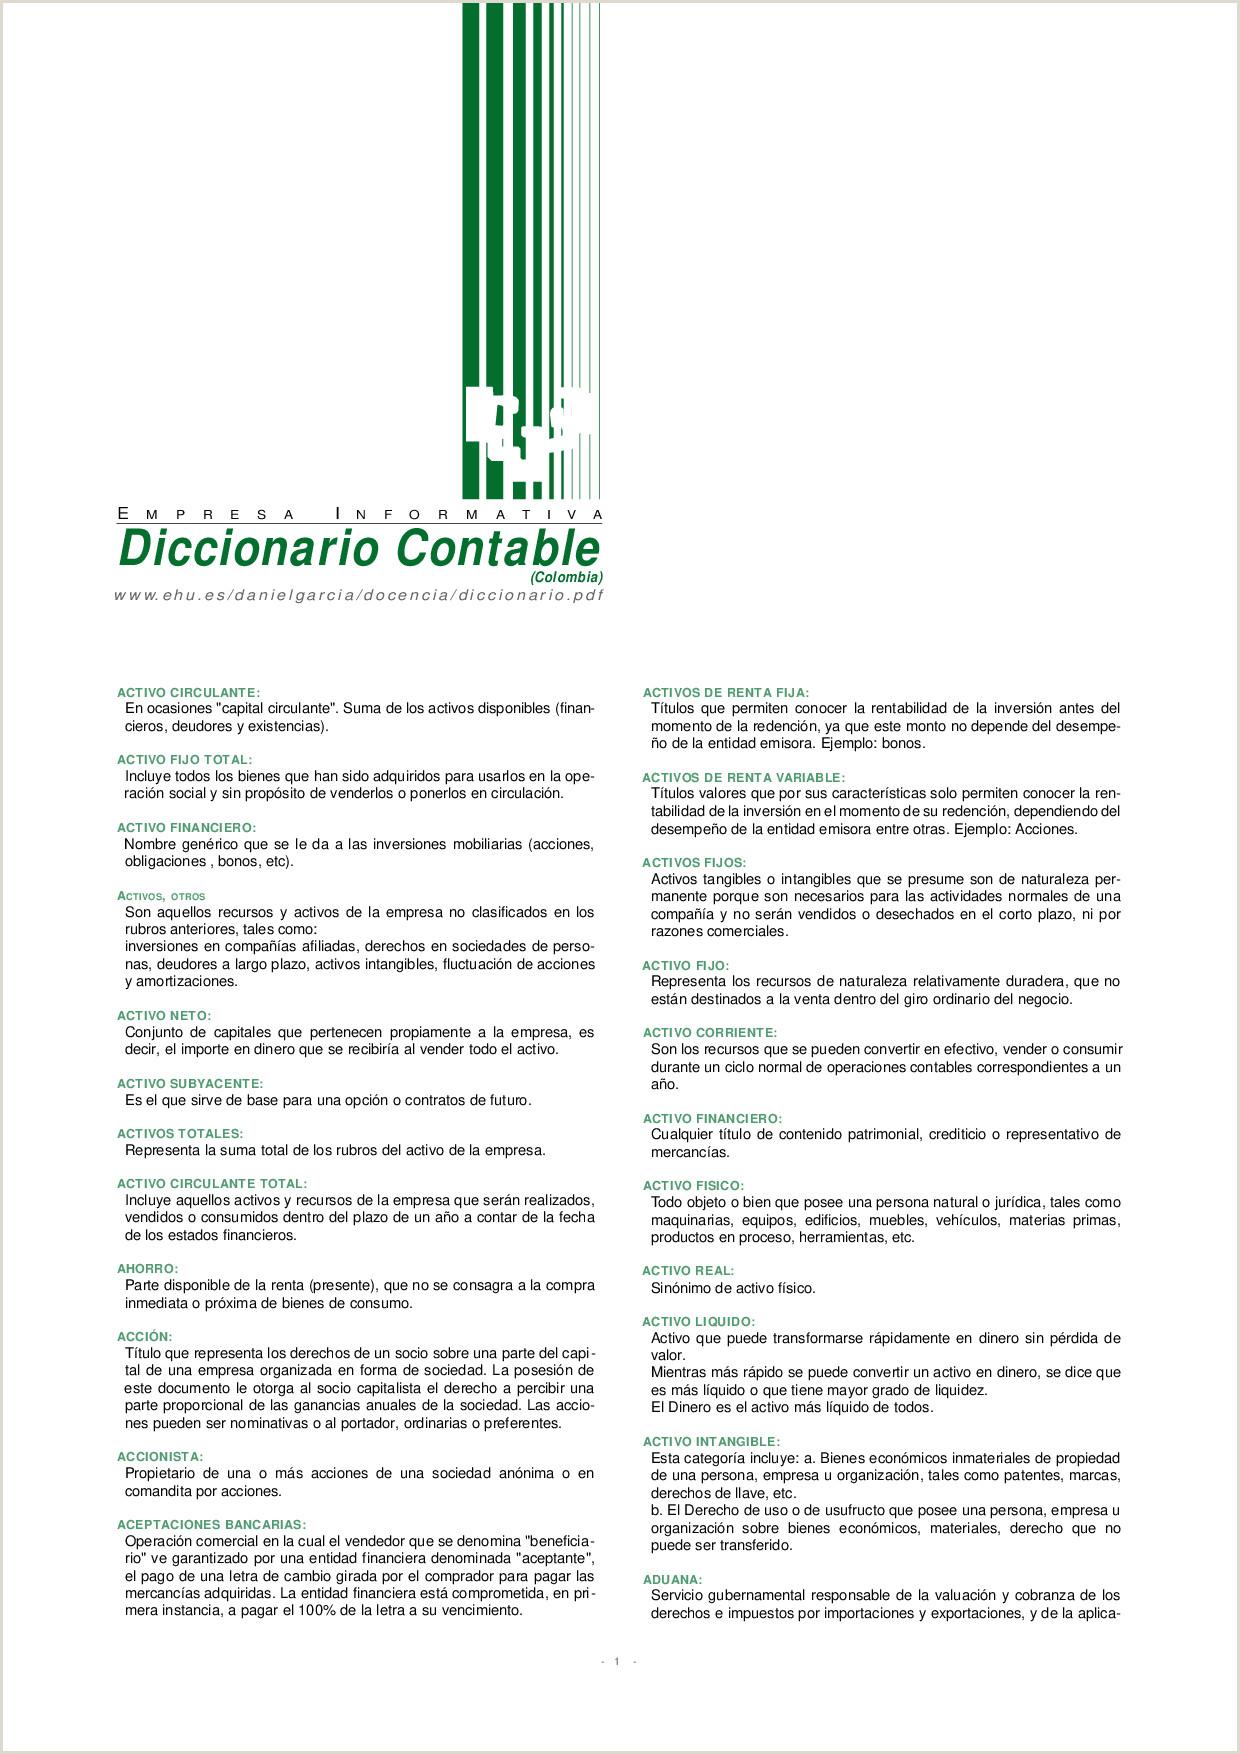 Diccionario contable Docsity